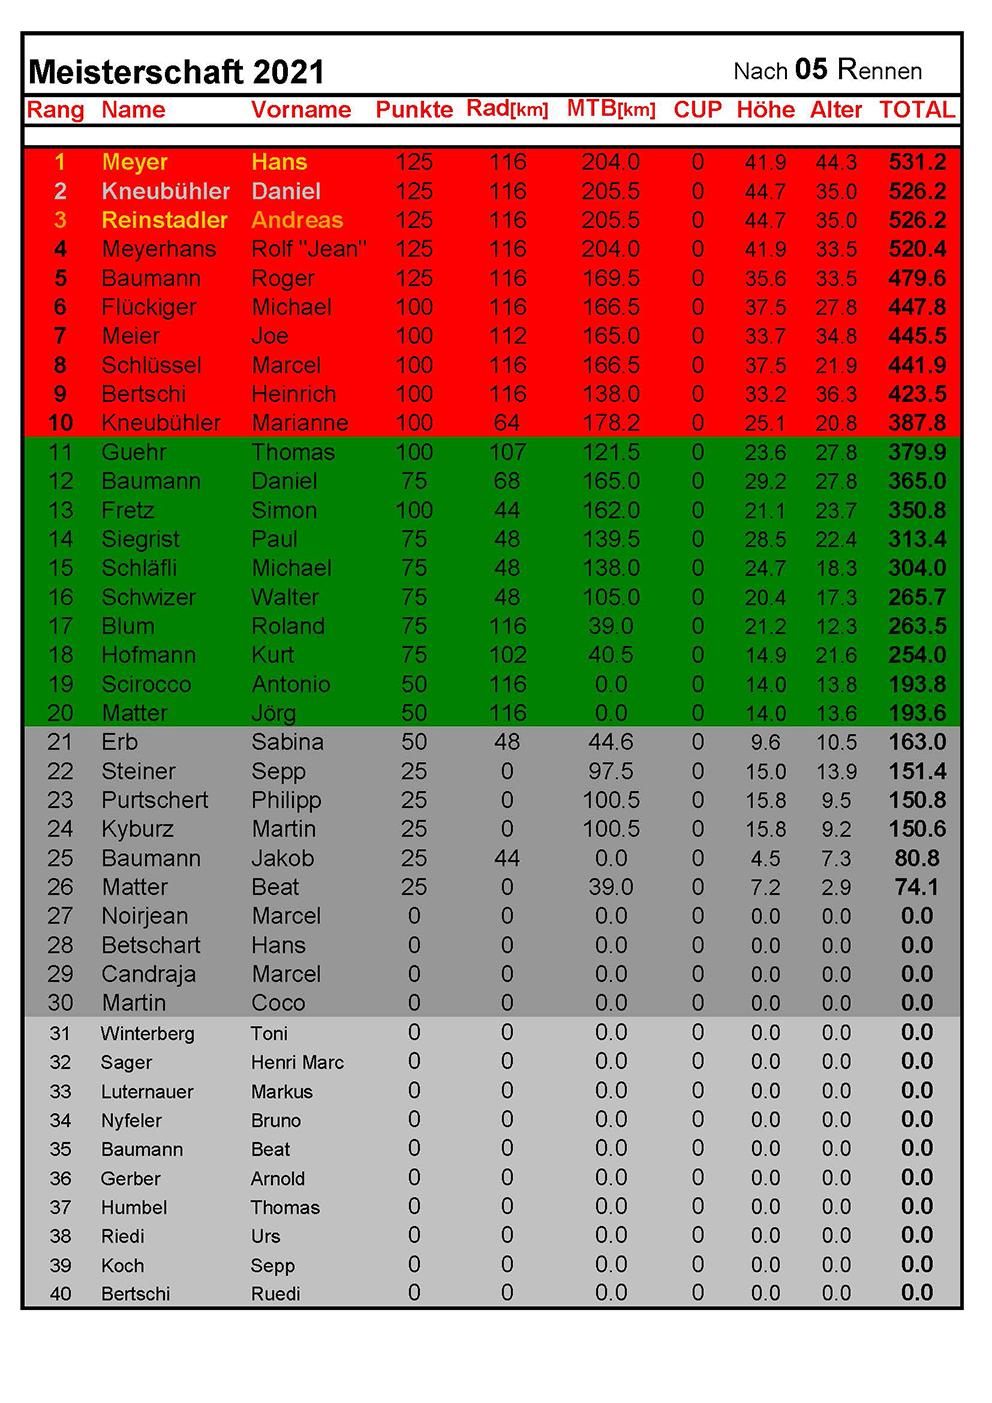 Rangliste2021 - nach 5Rennen